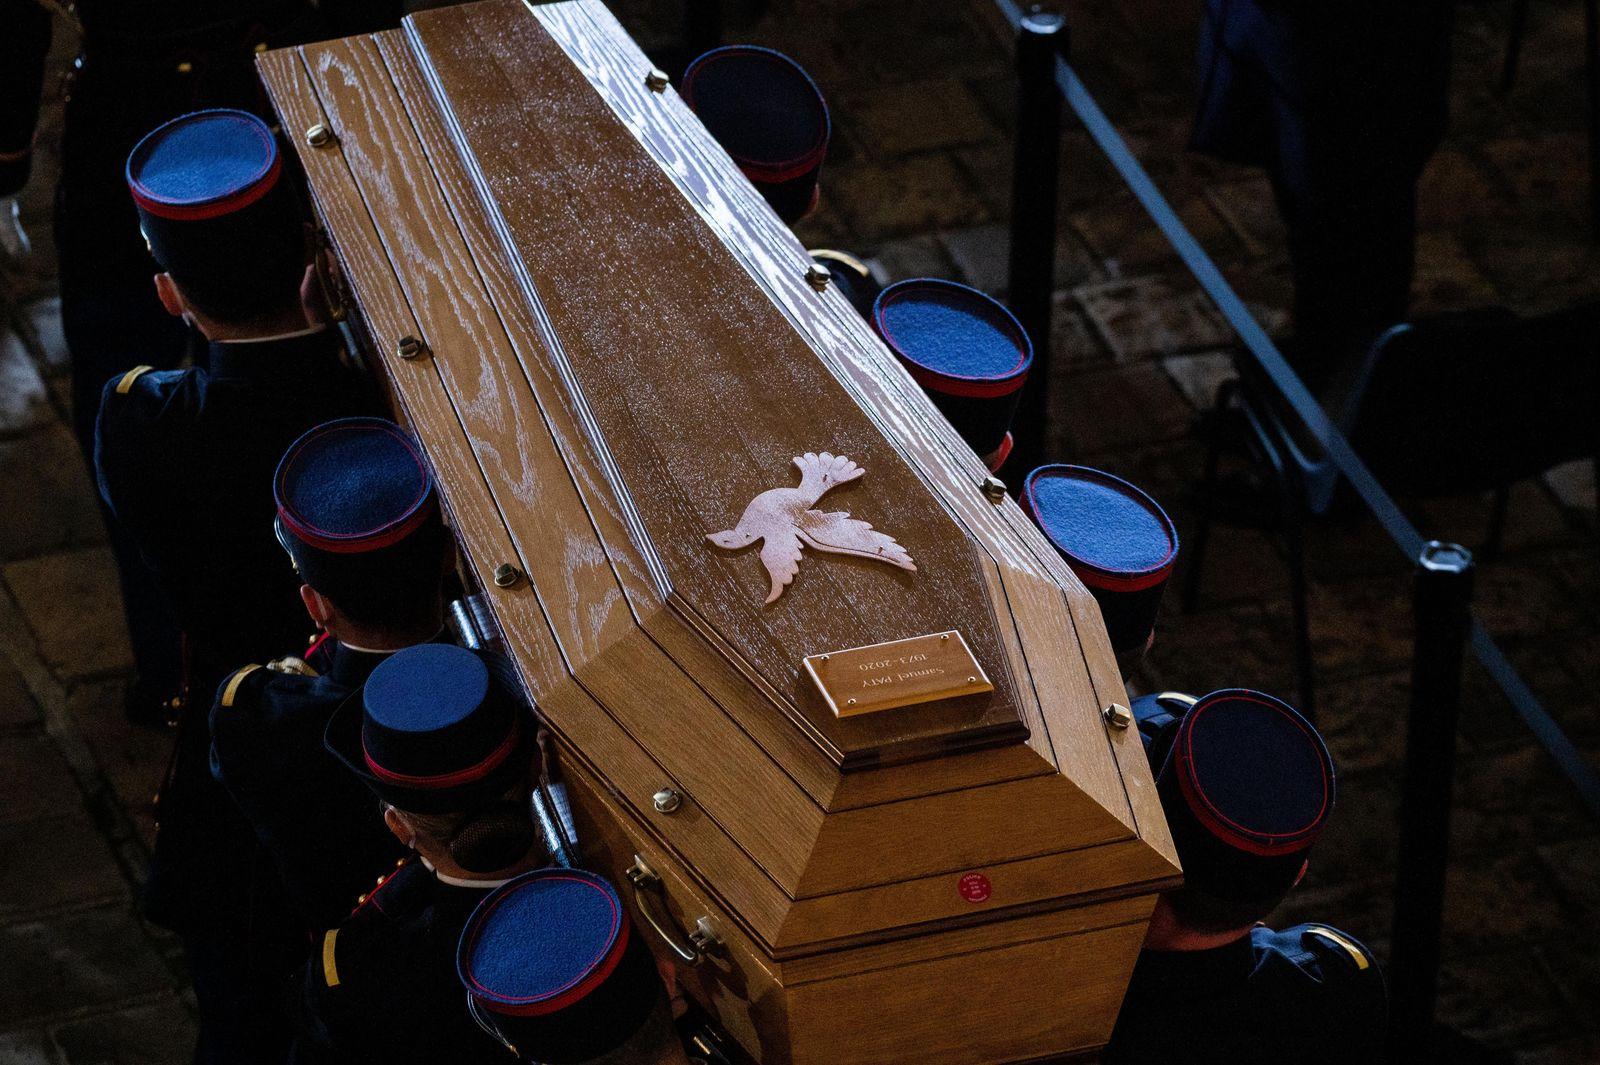 Hommage National a la memoire de Samuel Paty dans la Cour d'Honneur de l'Universite de la Sorbonne